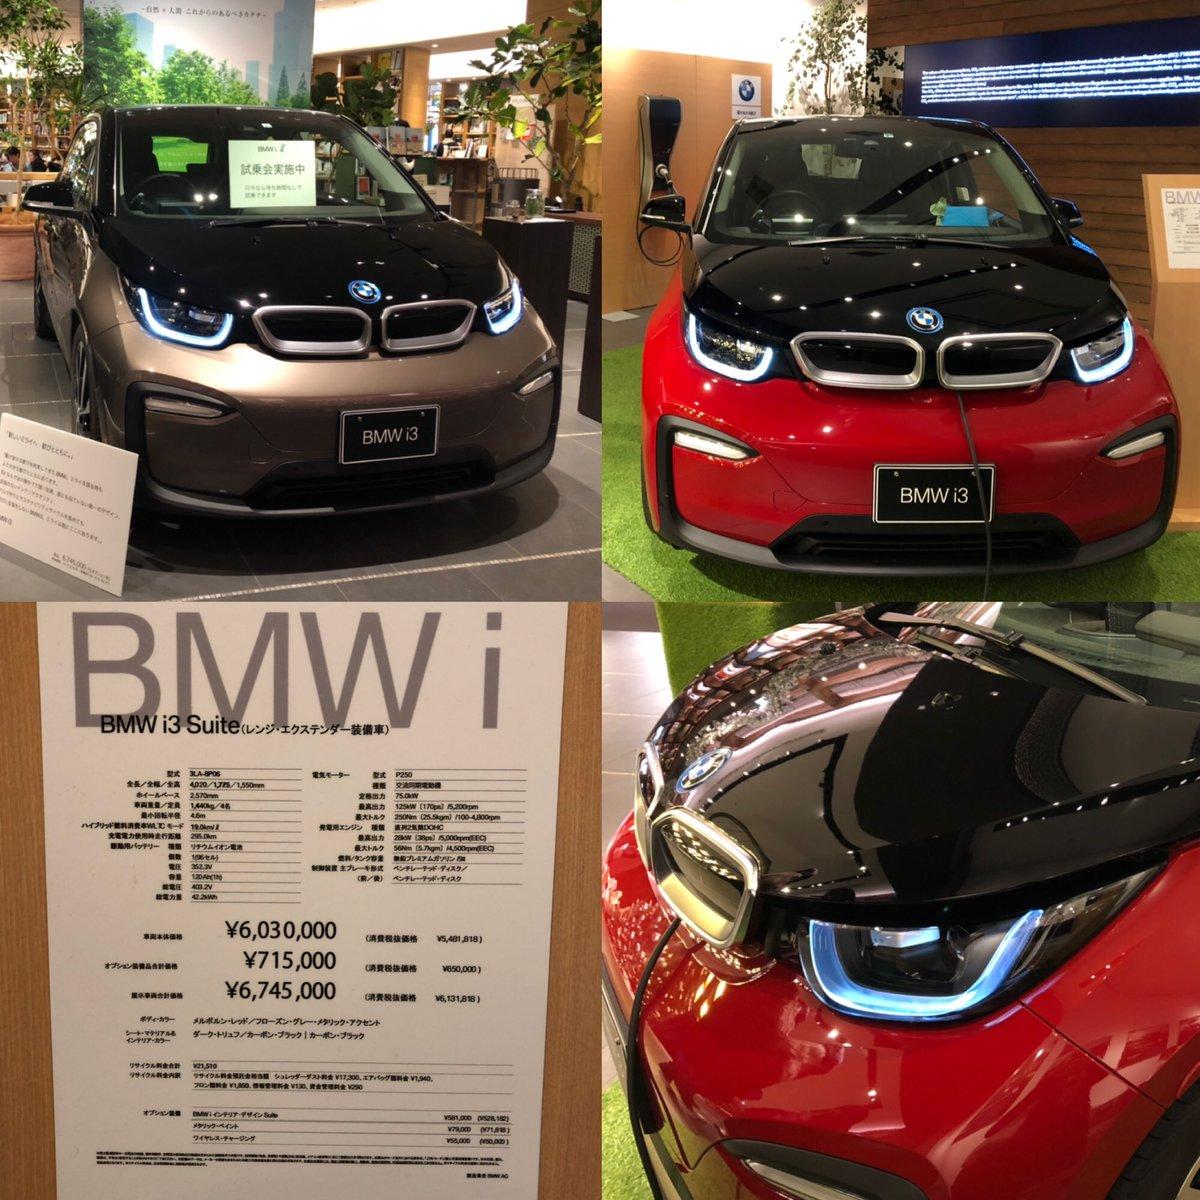 景品につられて←アンケートに答えたら試乗を勧められ、初めてBMWを運転させていただきました。 案の定ウインカーとワイパーを間違えた🤣 #香取慎吾 くんとBMWの繋がりや、パラフェスのことも話しつつ無事帰還しました。 安全性も小回りもバッチリ 欲しい‼️誰かー💦笑 #BMW #二子玉ライズ